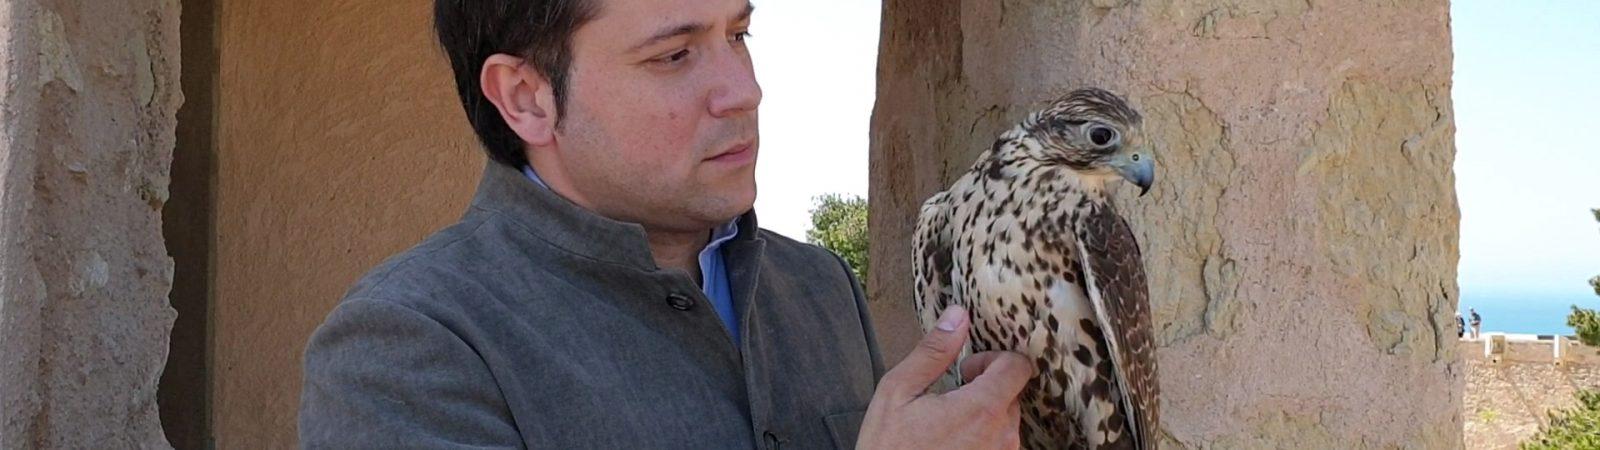 El Mudic organiza en Orihuela un encuentro entre Odile Rodríguez y David Santacreu para analizar el trato a las aves de presa y la cetrería